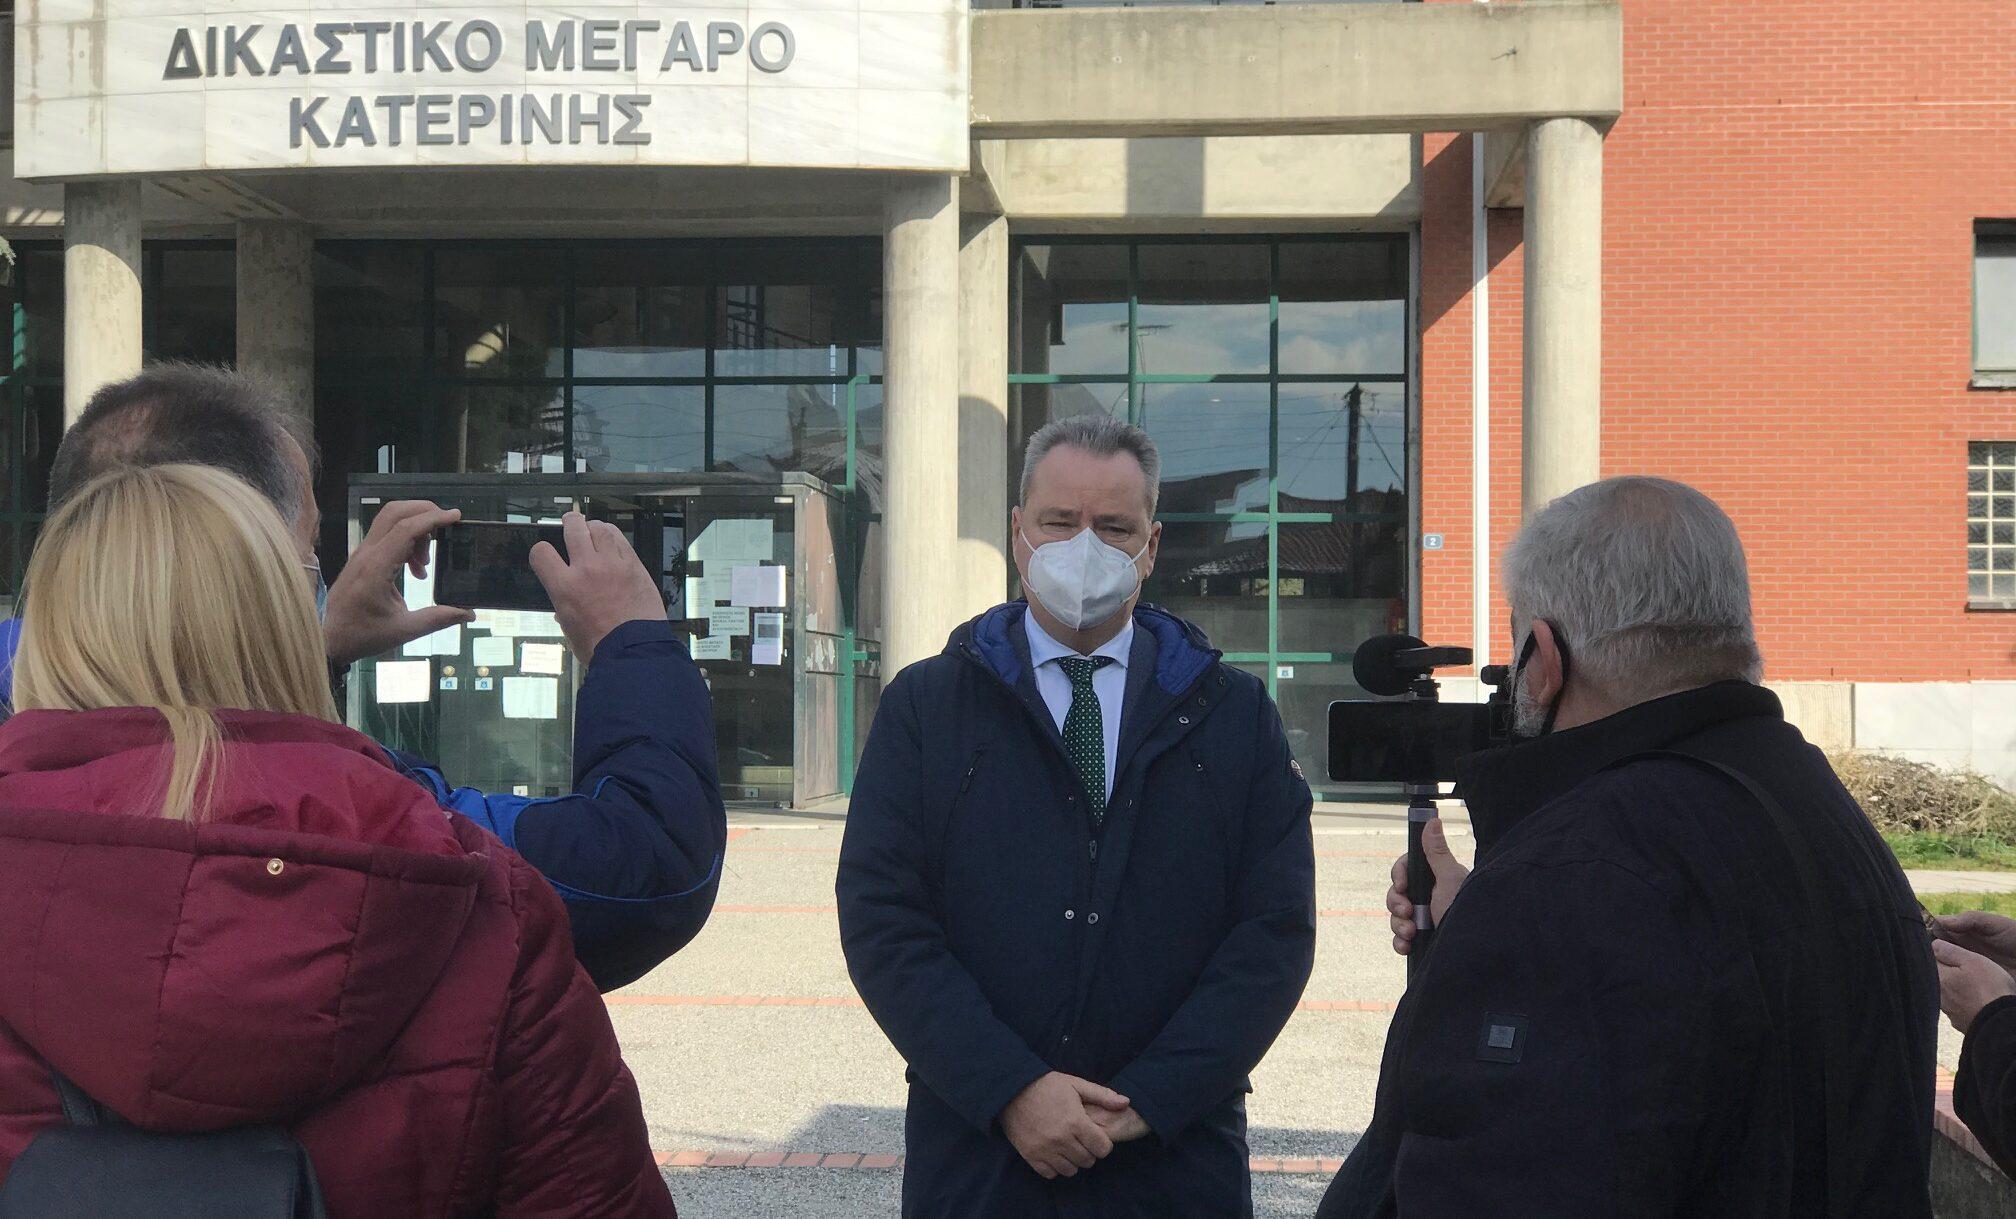 """Κατερίνη - Την παρέμβαση του Εισαγγελέα ζήτησε ο Κ. Κουκοδήμος για τα """"περί κακοδιαχείρισης"""""""